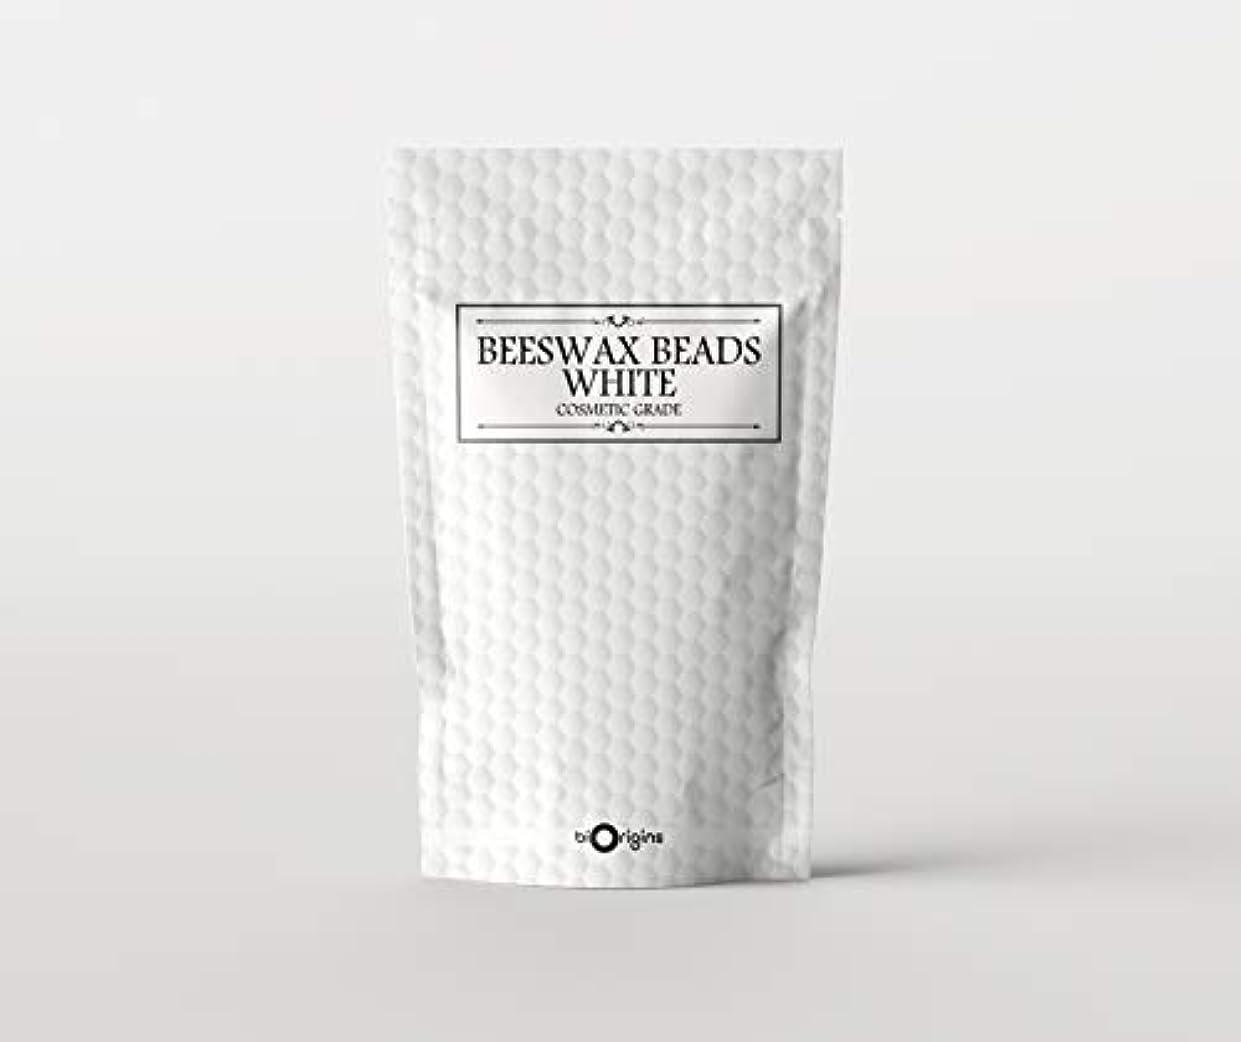 行う強制的省Beeswax Beads White - Cosmetic Grade - 500g